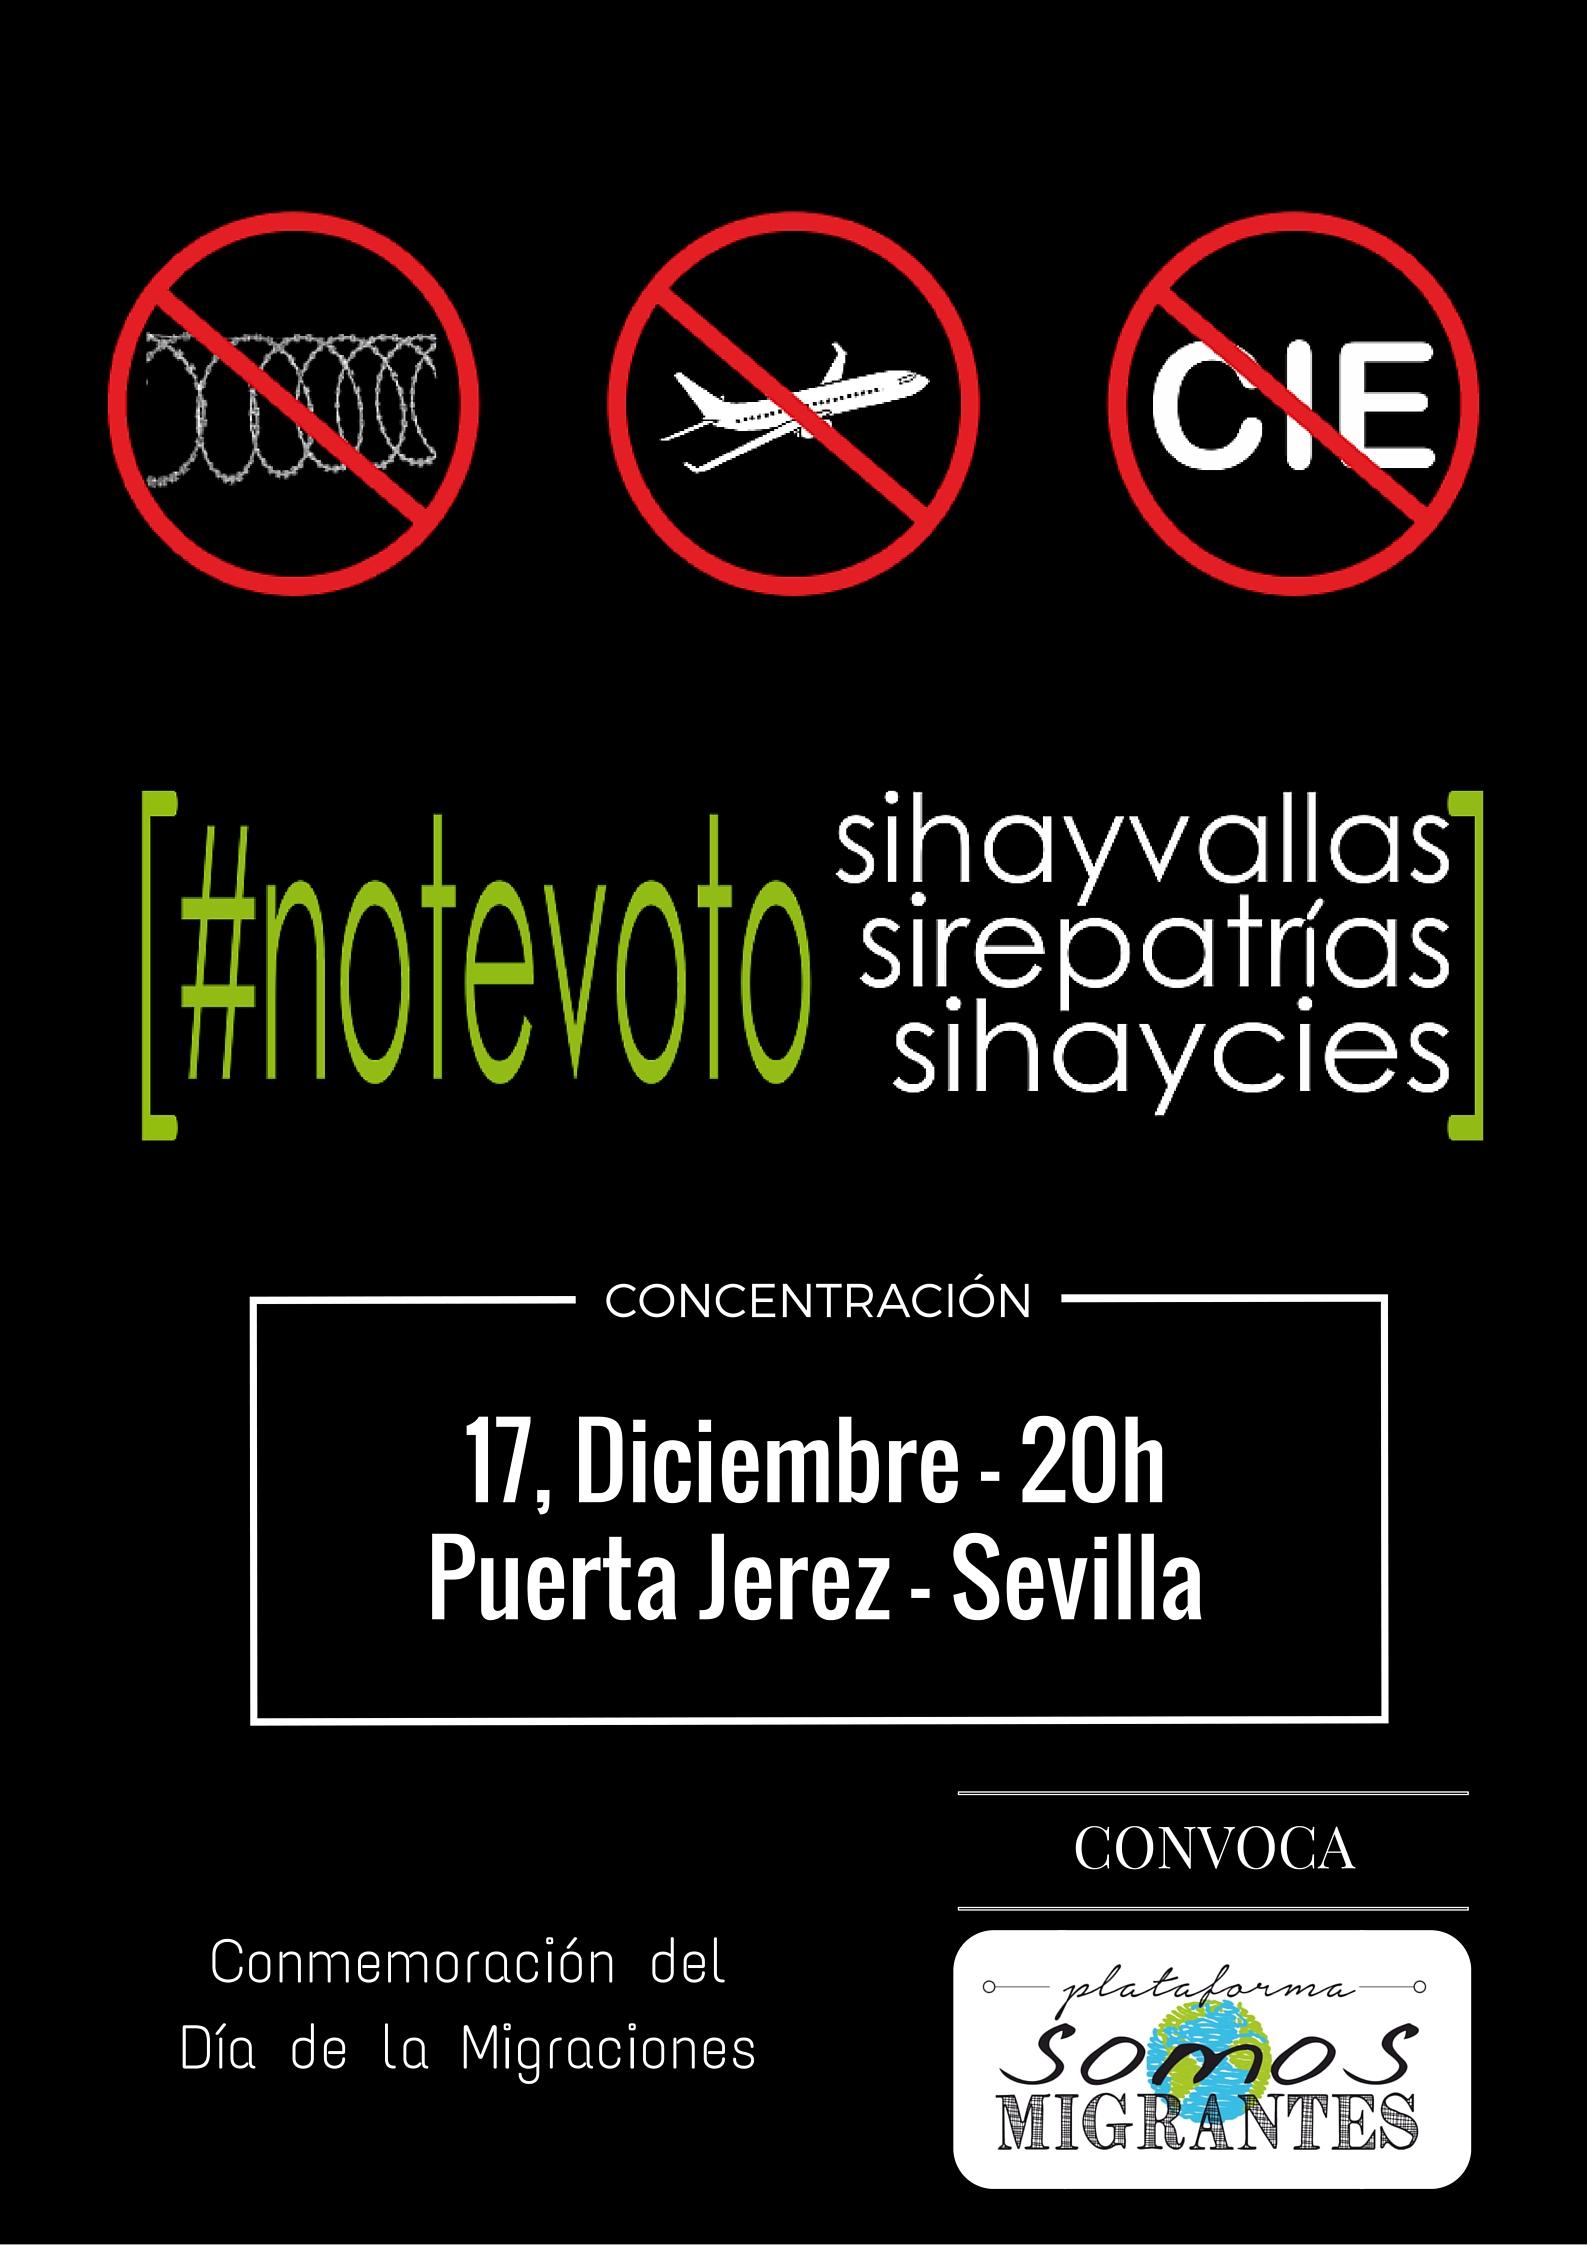 cartel concentración 17 diciembre